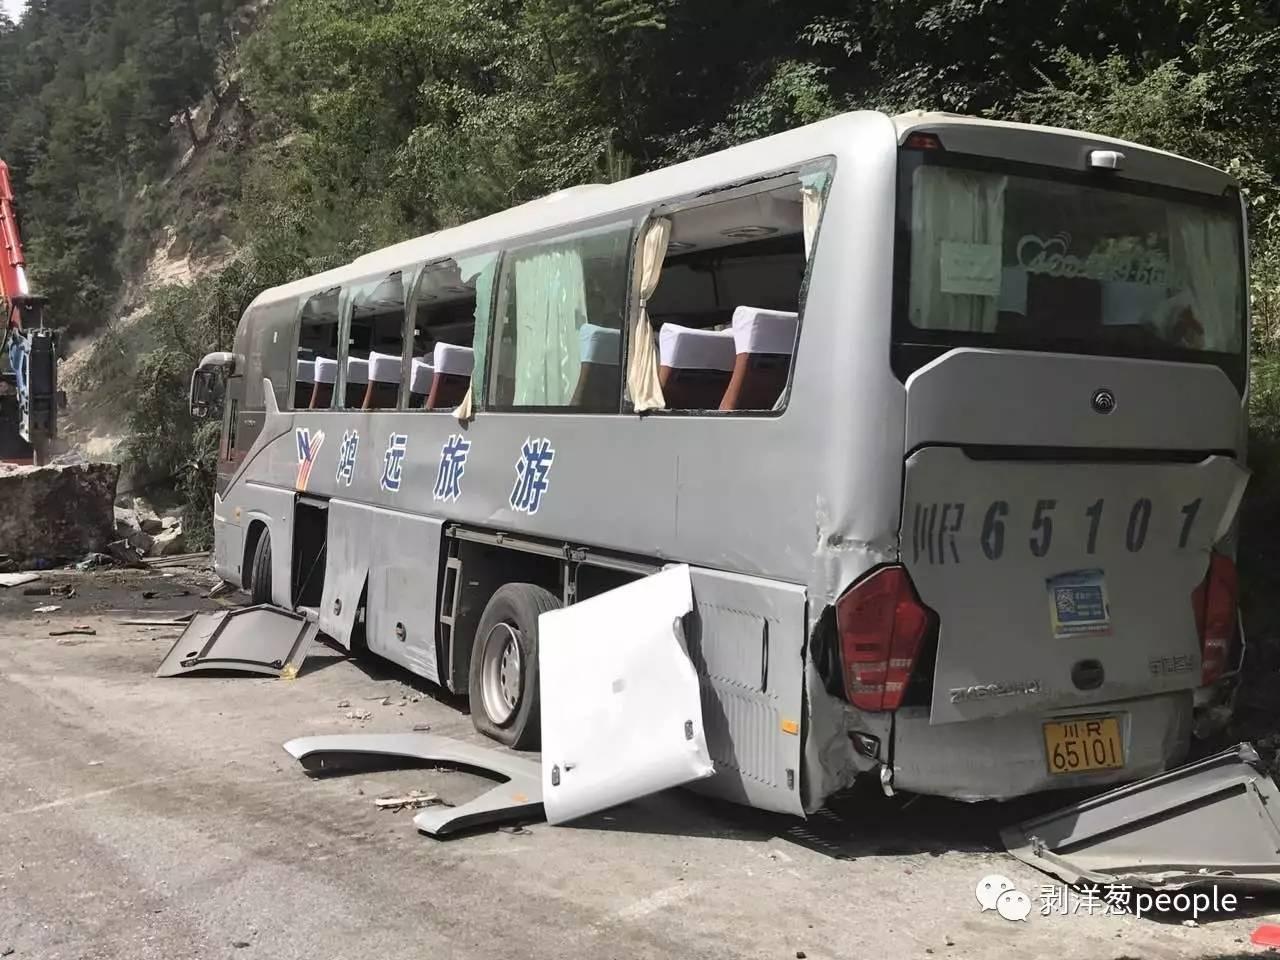 """被山石砸中""""川R65101""""。新京报记者刘珍妮 摄"""